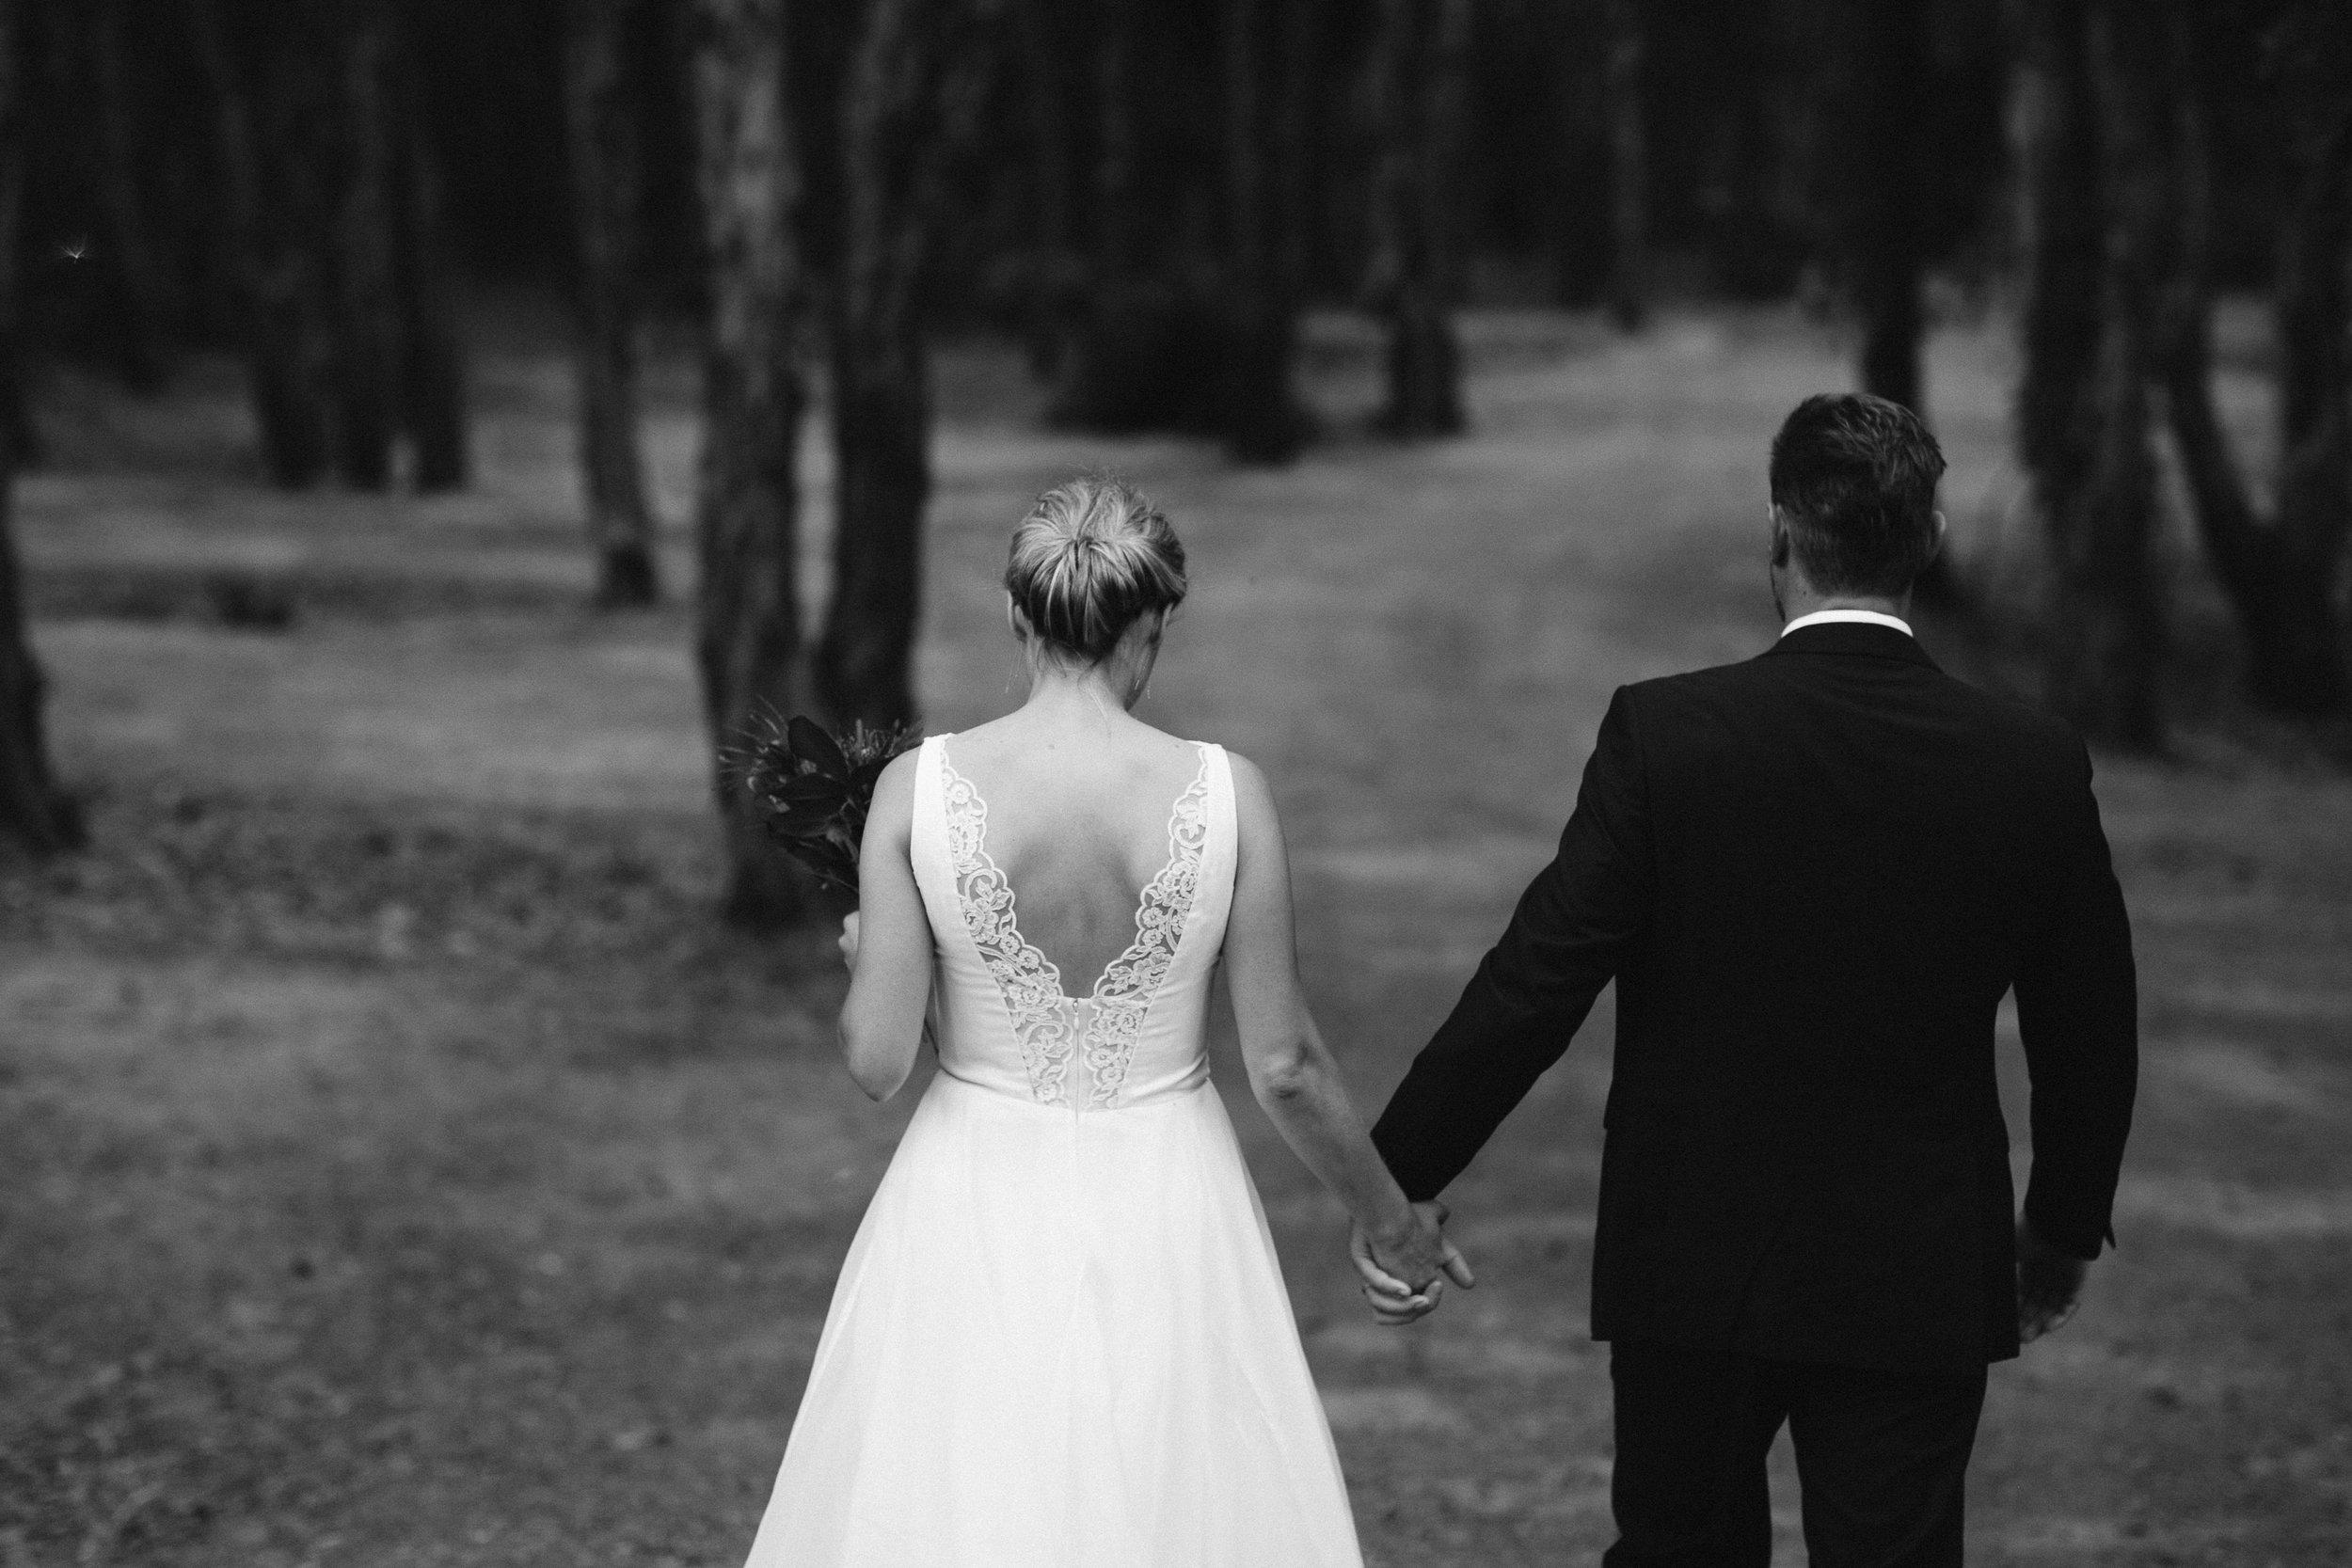 wedding-photography-brisbane-sandstone-point-hotel-bribie-island-luxewedding-29.jpg